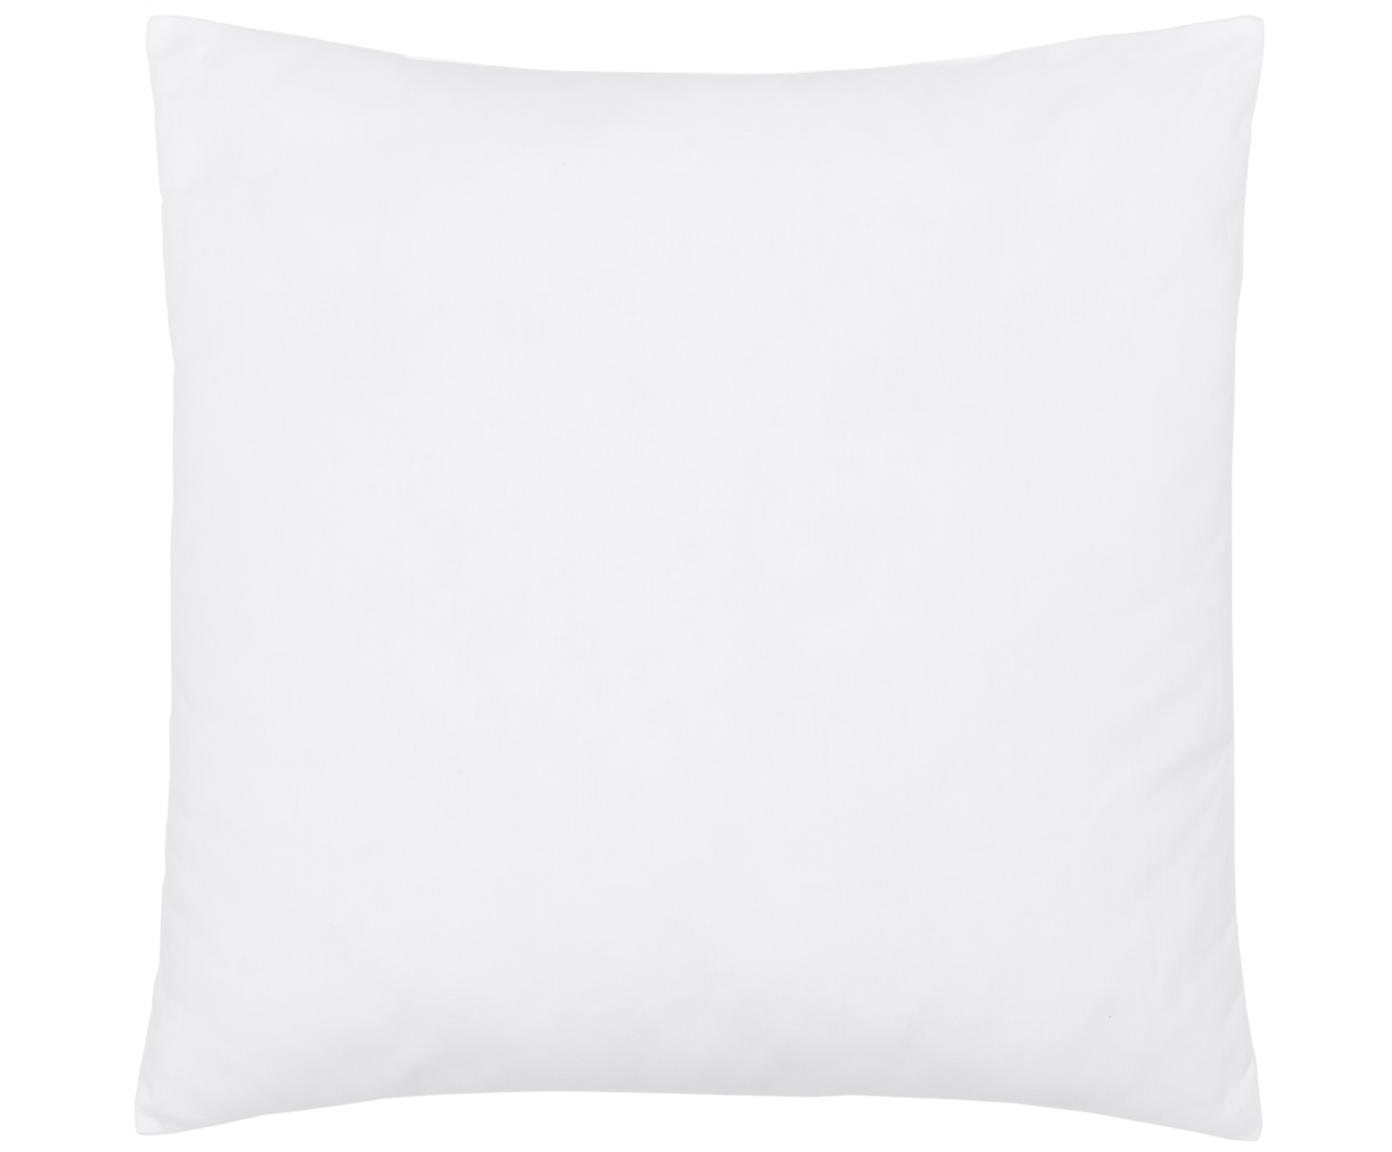 Kissen-Inlett Sia, 45x45, Microfaser-Füllung, Hülle: 100% Baumwolle, Weiss, 45 x 45 cm